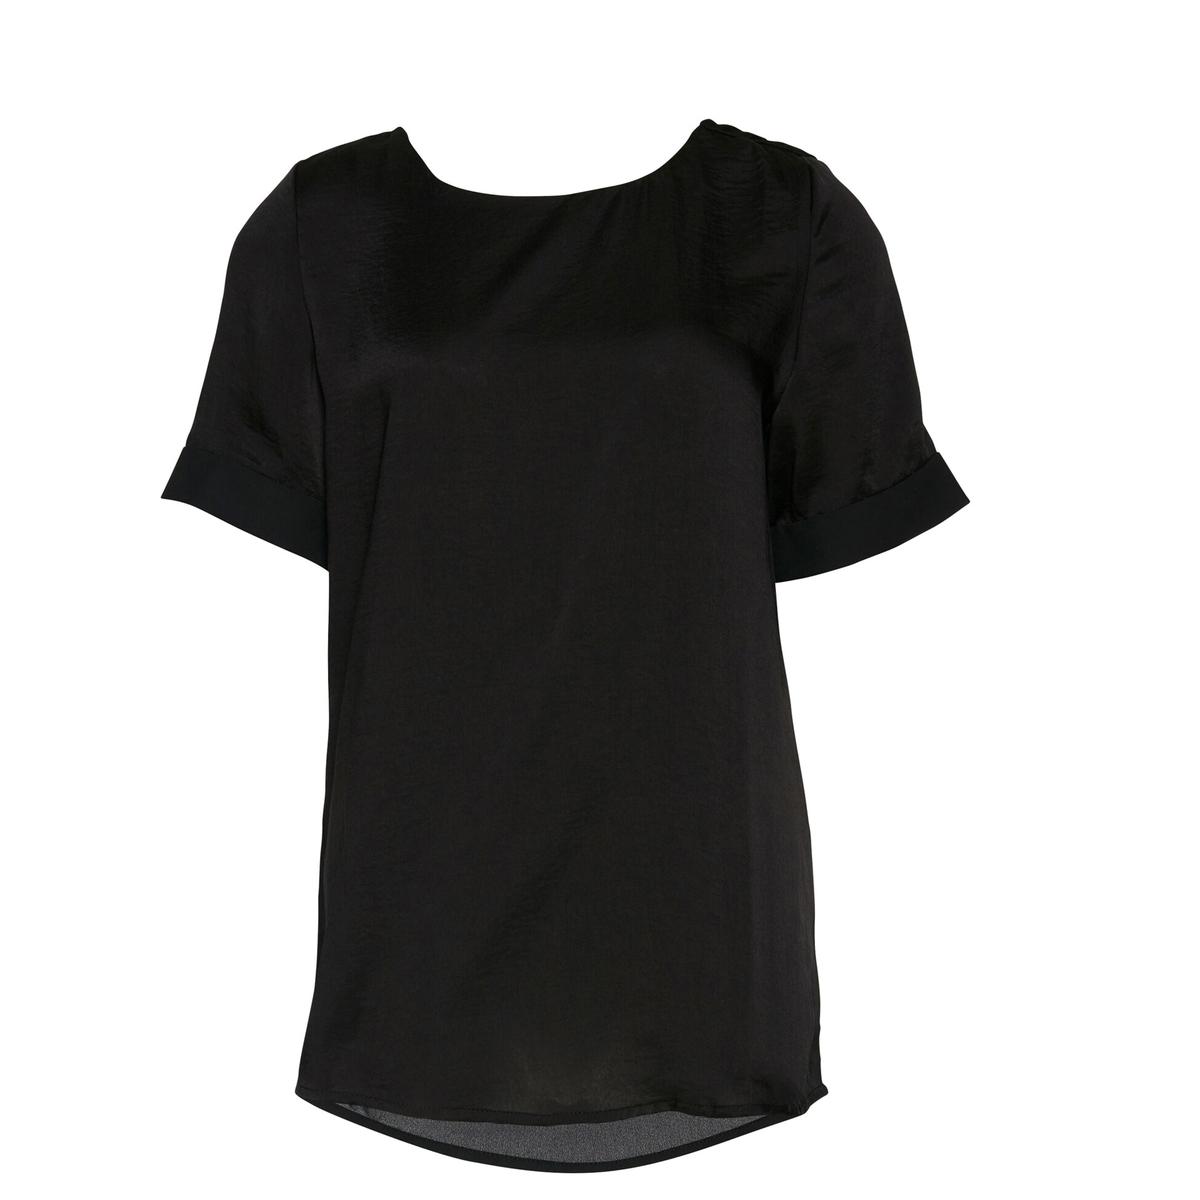 Блузка атласная с короткими рукавами COMONБлузка с круглым вырезом COMON от ICHI. Атласная блузка. Короткие рукава с отворотами. Складка на спине. Слегка закругленный покрой, по спинке длиннее. Состав и описаниеМарка: ICHI.Модель: COMON.Материал: 100% полиэстер.<br><br>Цвет: черный